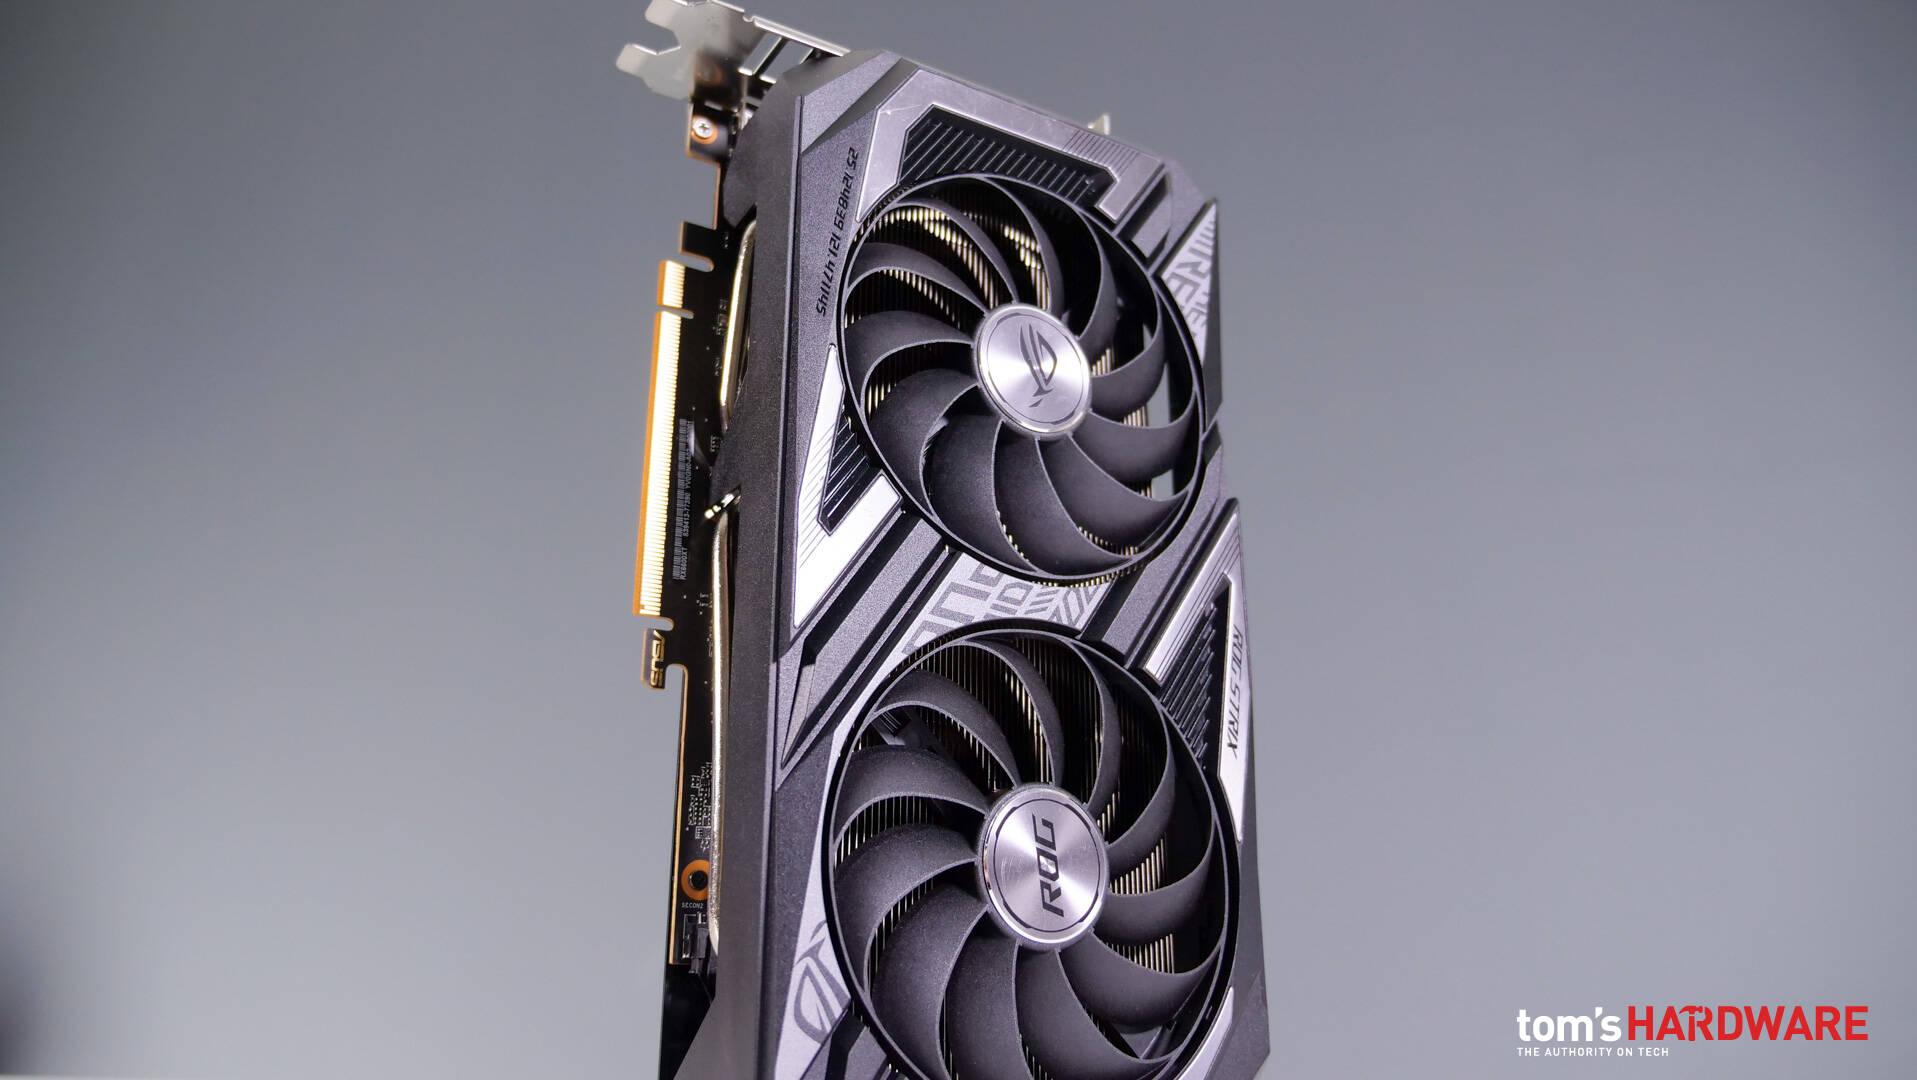 Asus ROG Strix Radeon RX 6600 XT